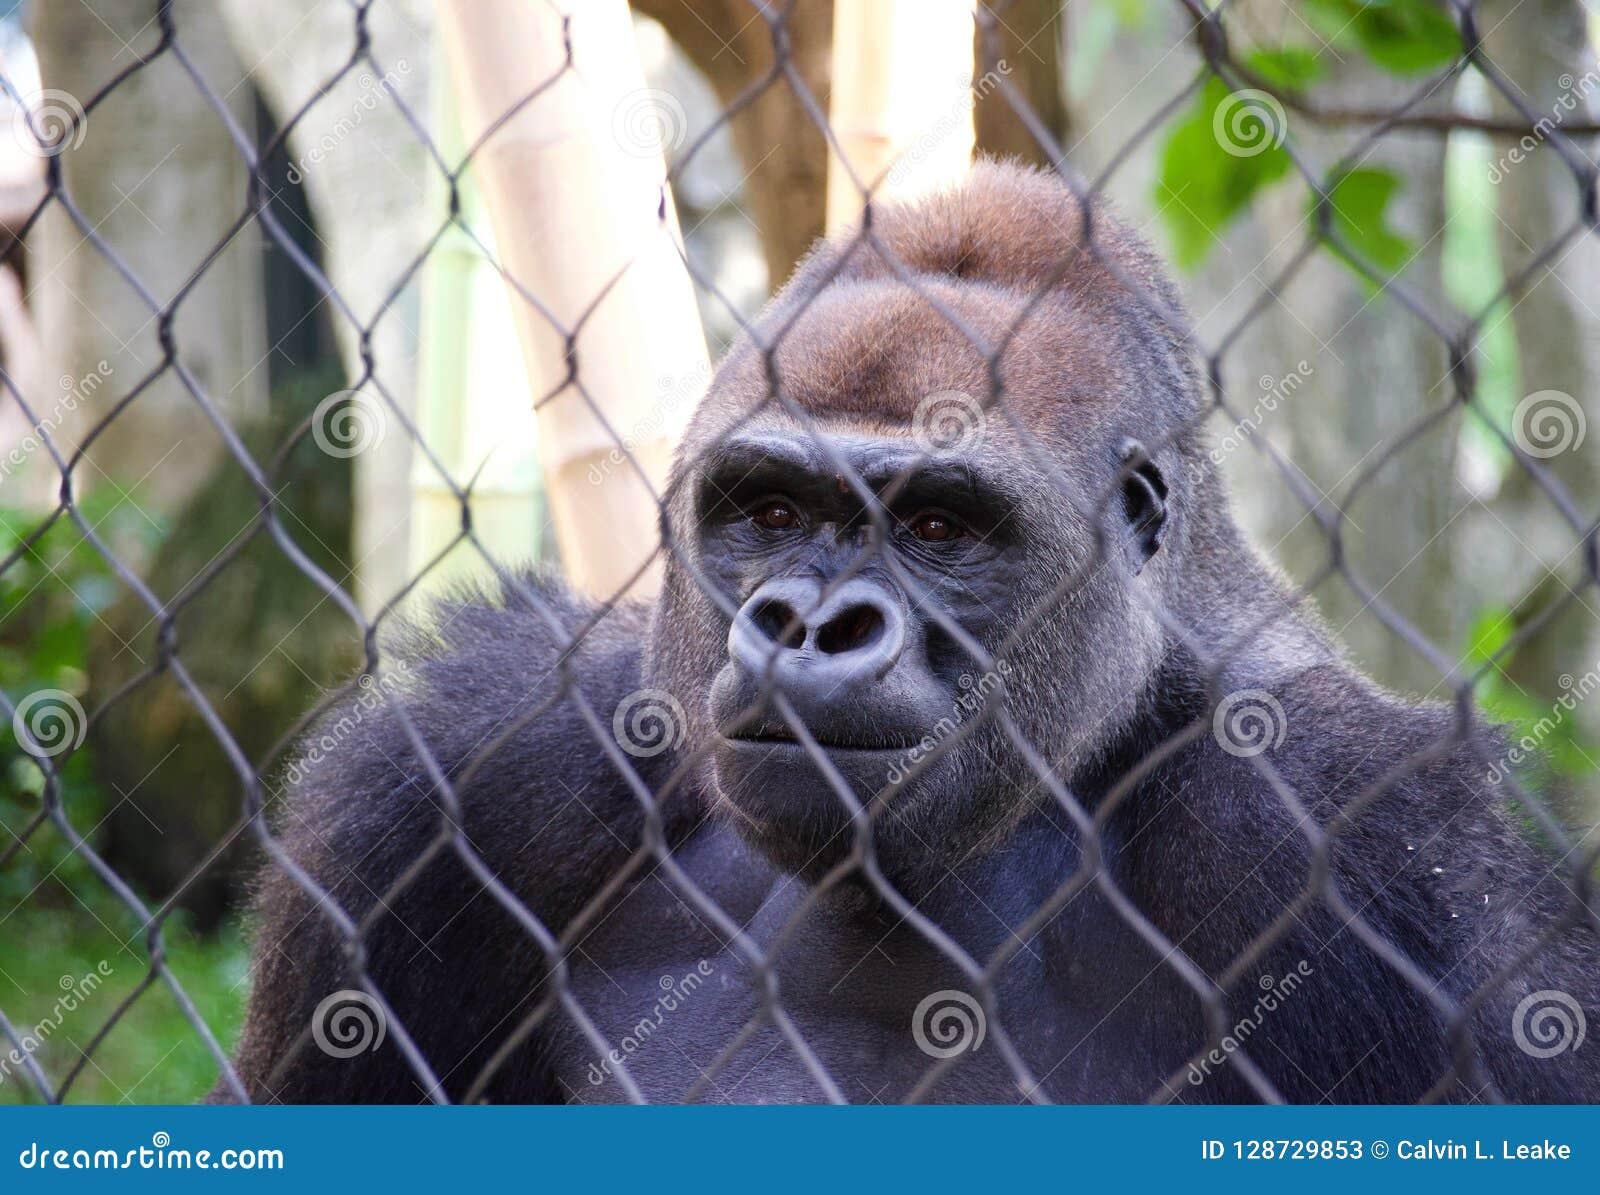 Gorilla in der Gefangenschaft